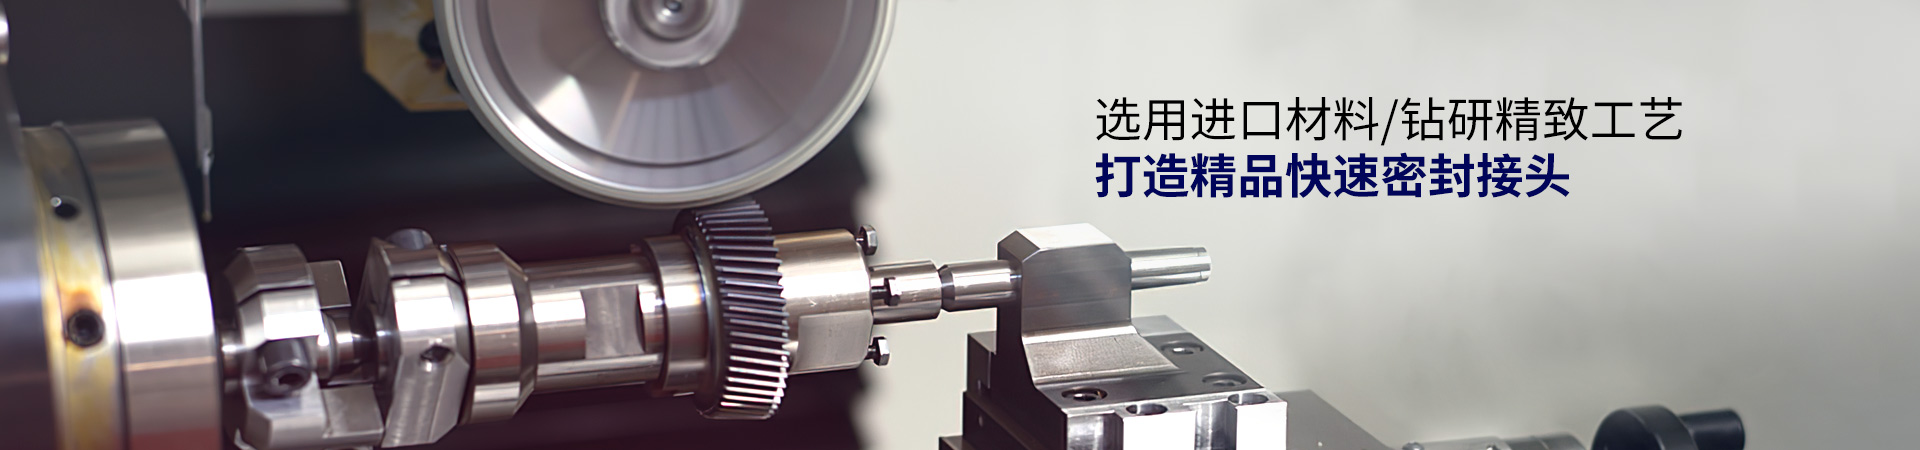 格雷希尔GripSeal专注高难度快速密封接头研发与生产